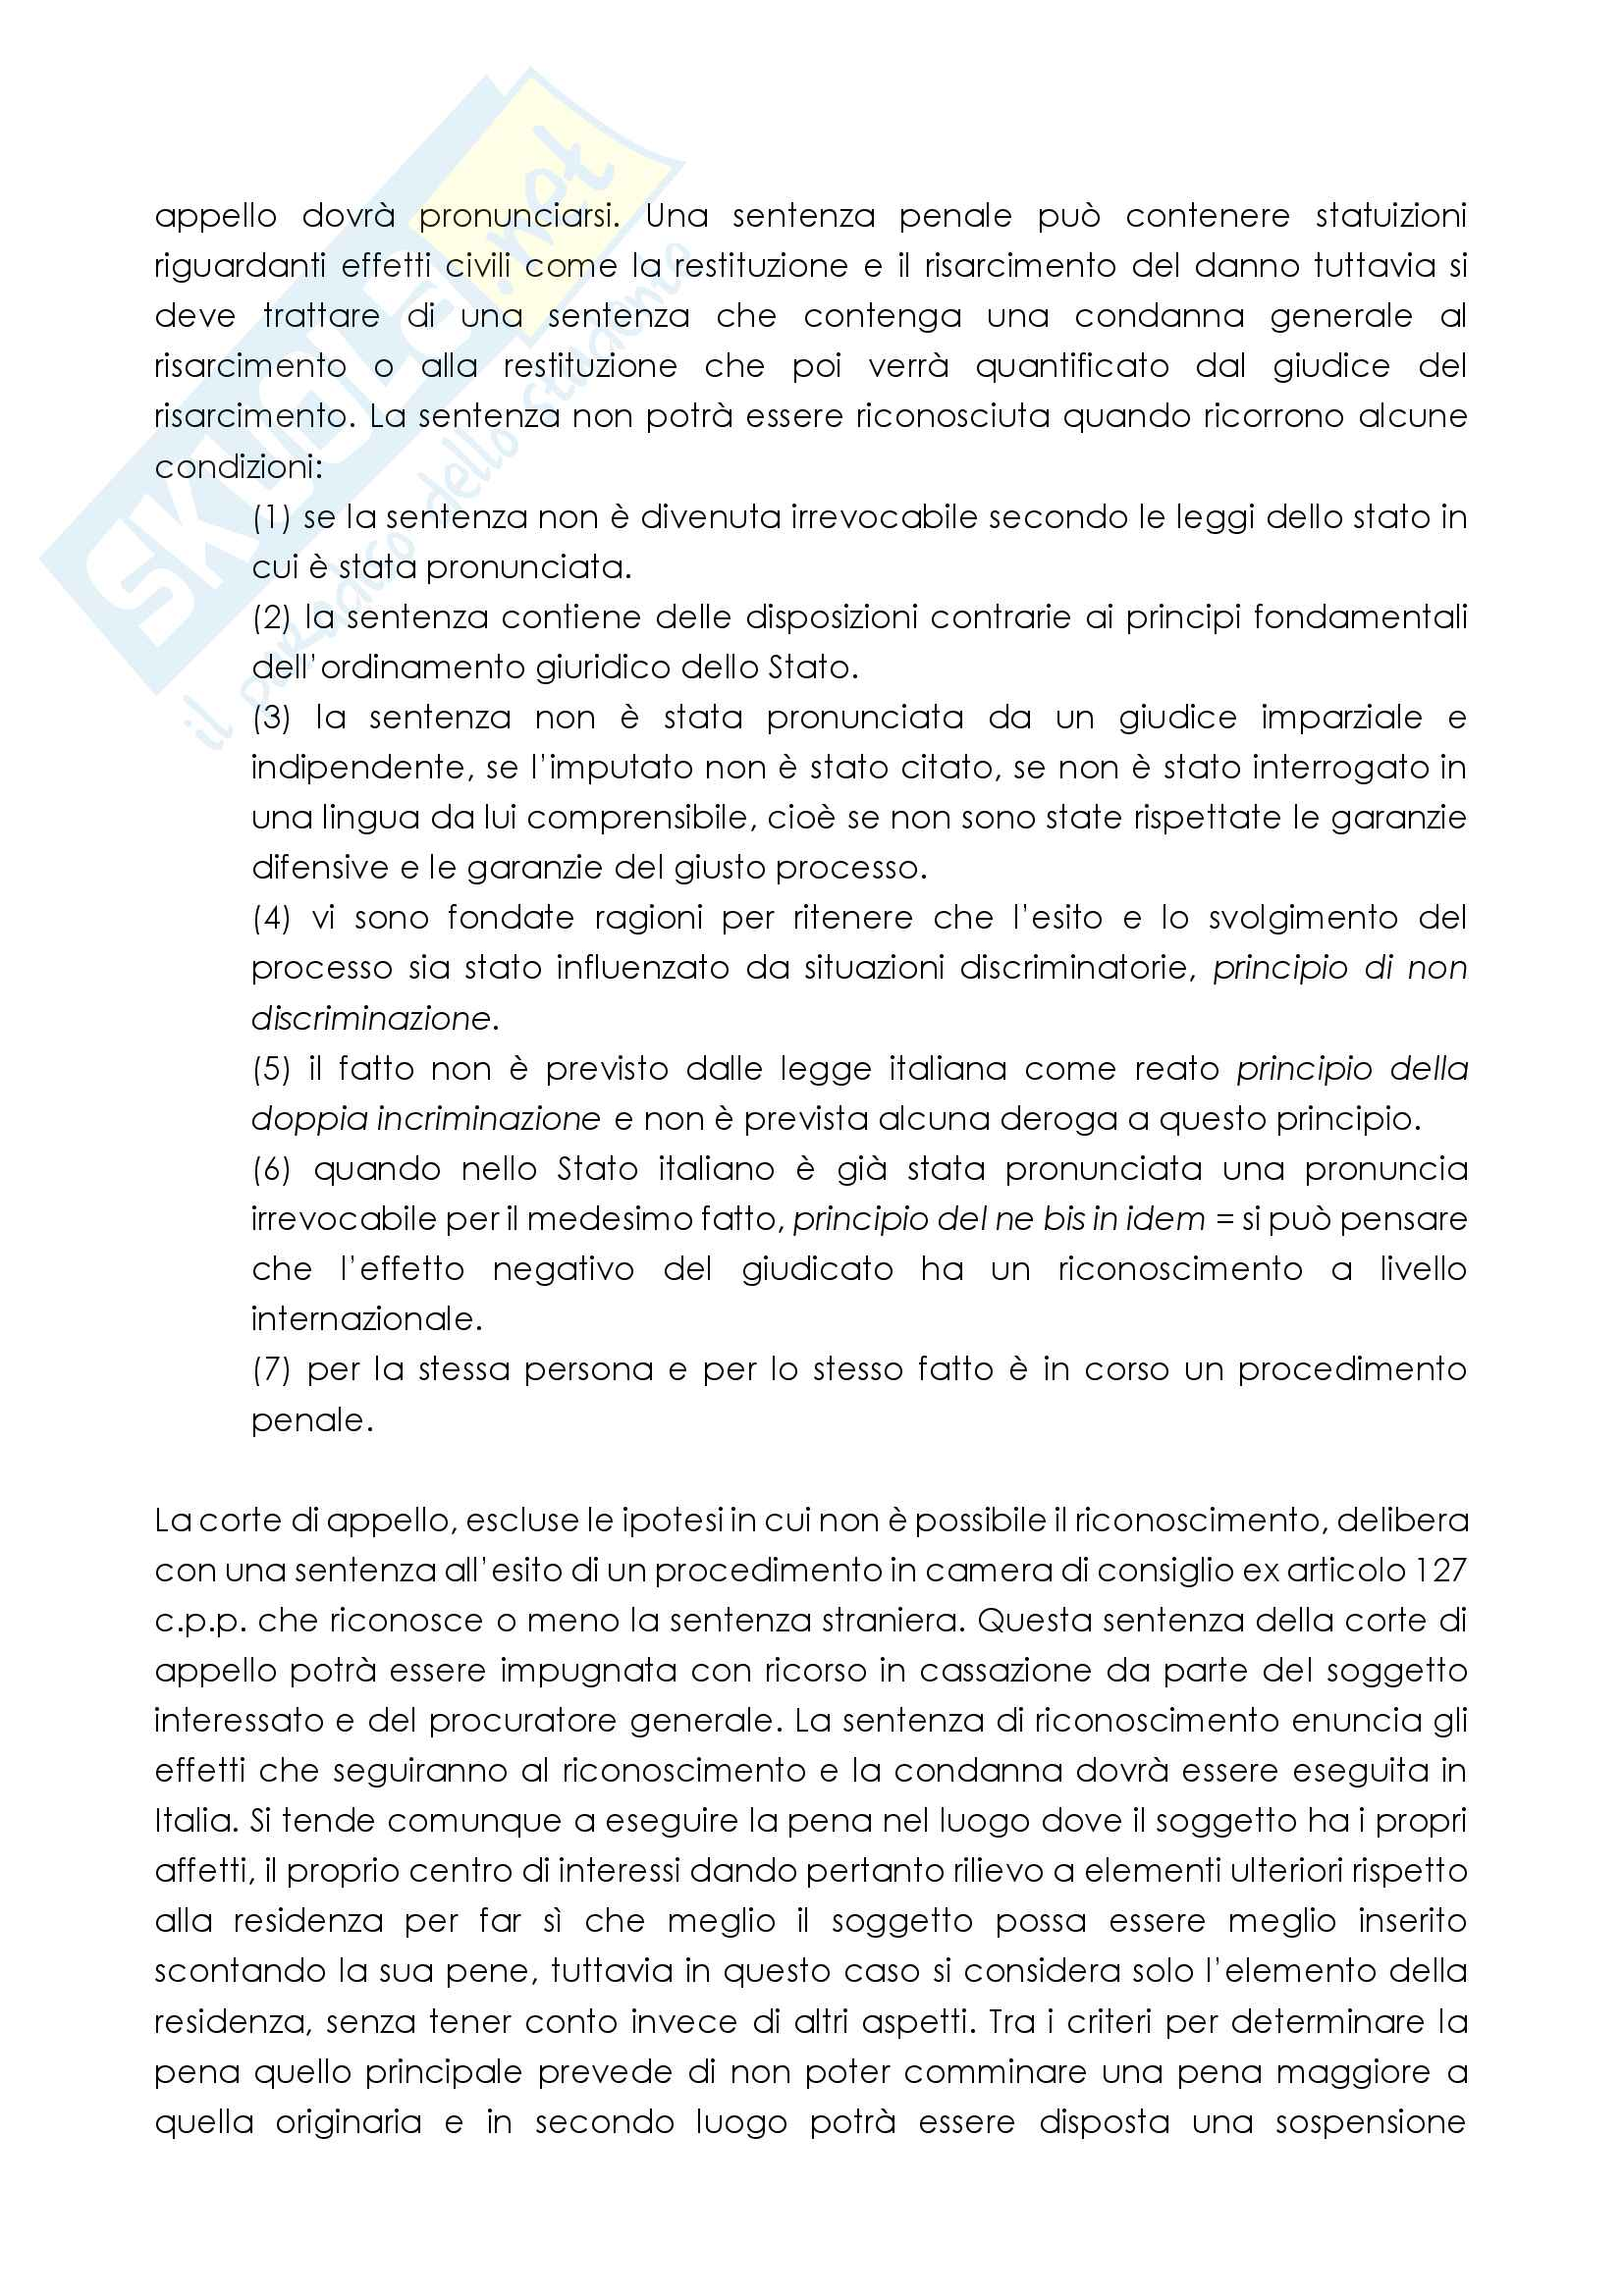 Riconoscimento delle sentenze penali straniere Pag. 2